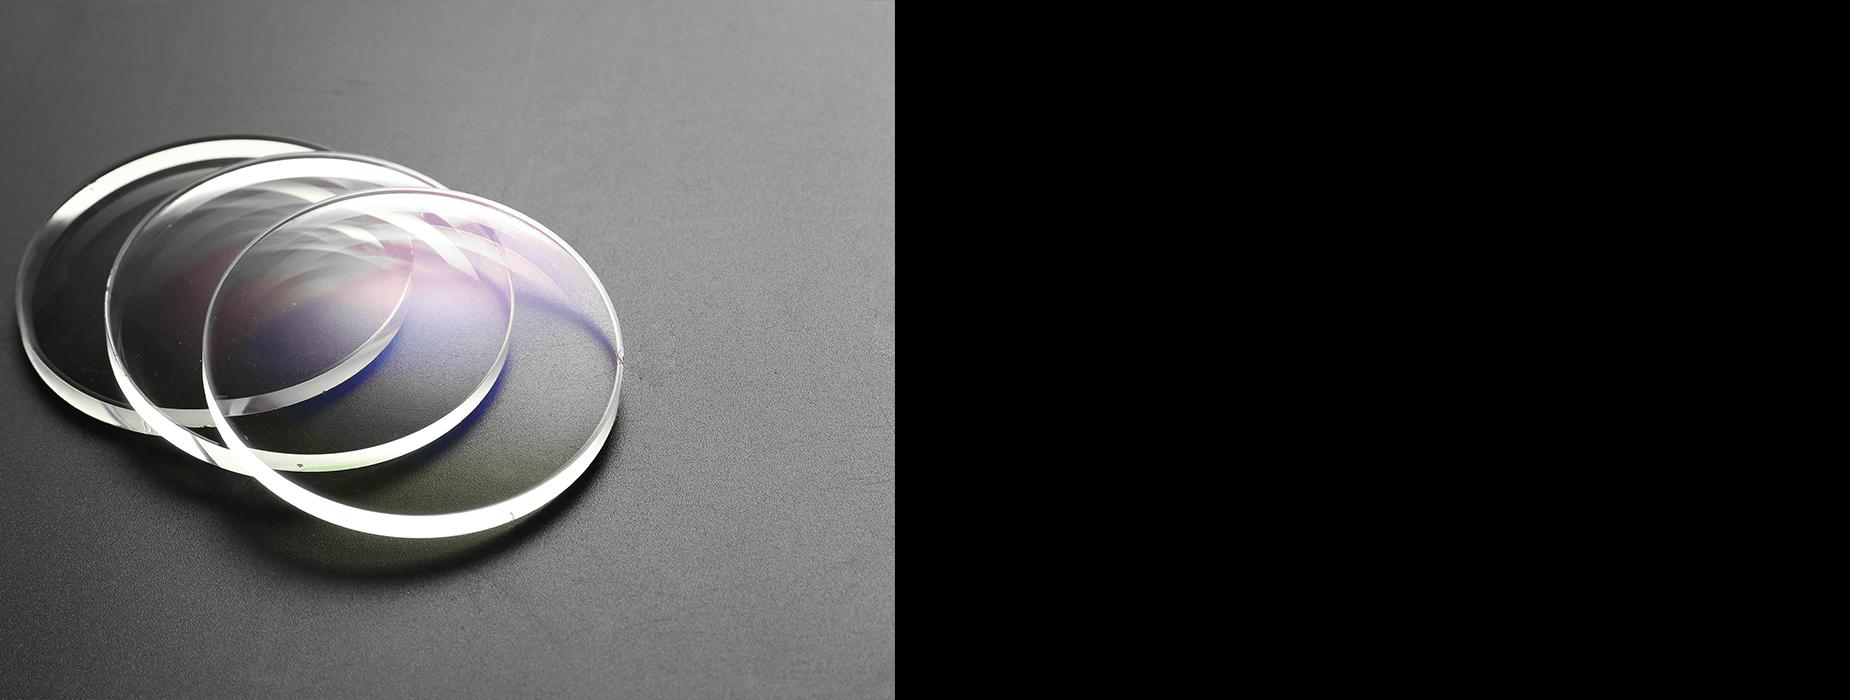 Add or Change Lenses Online